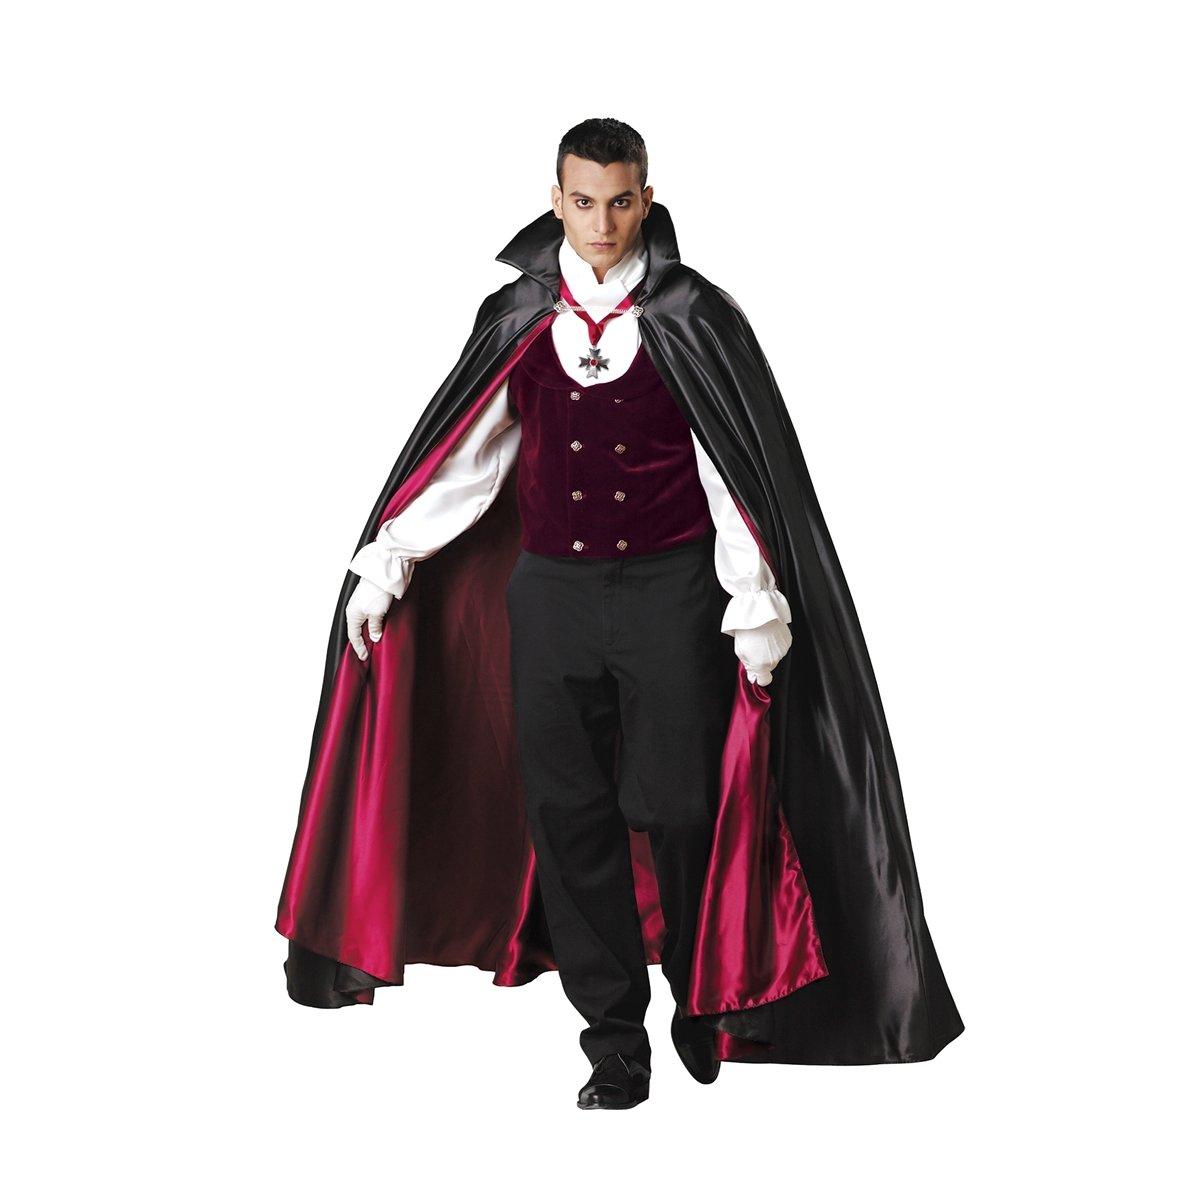 растягивания половых костюмы на хэллоуин спб прокат выяснилось, что перед